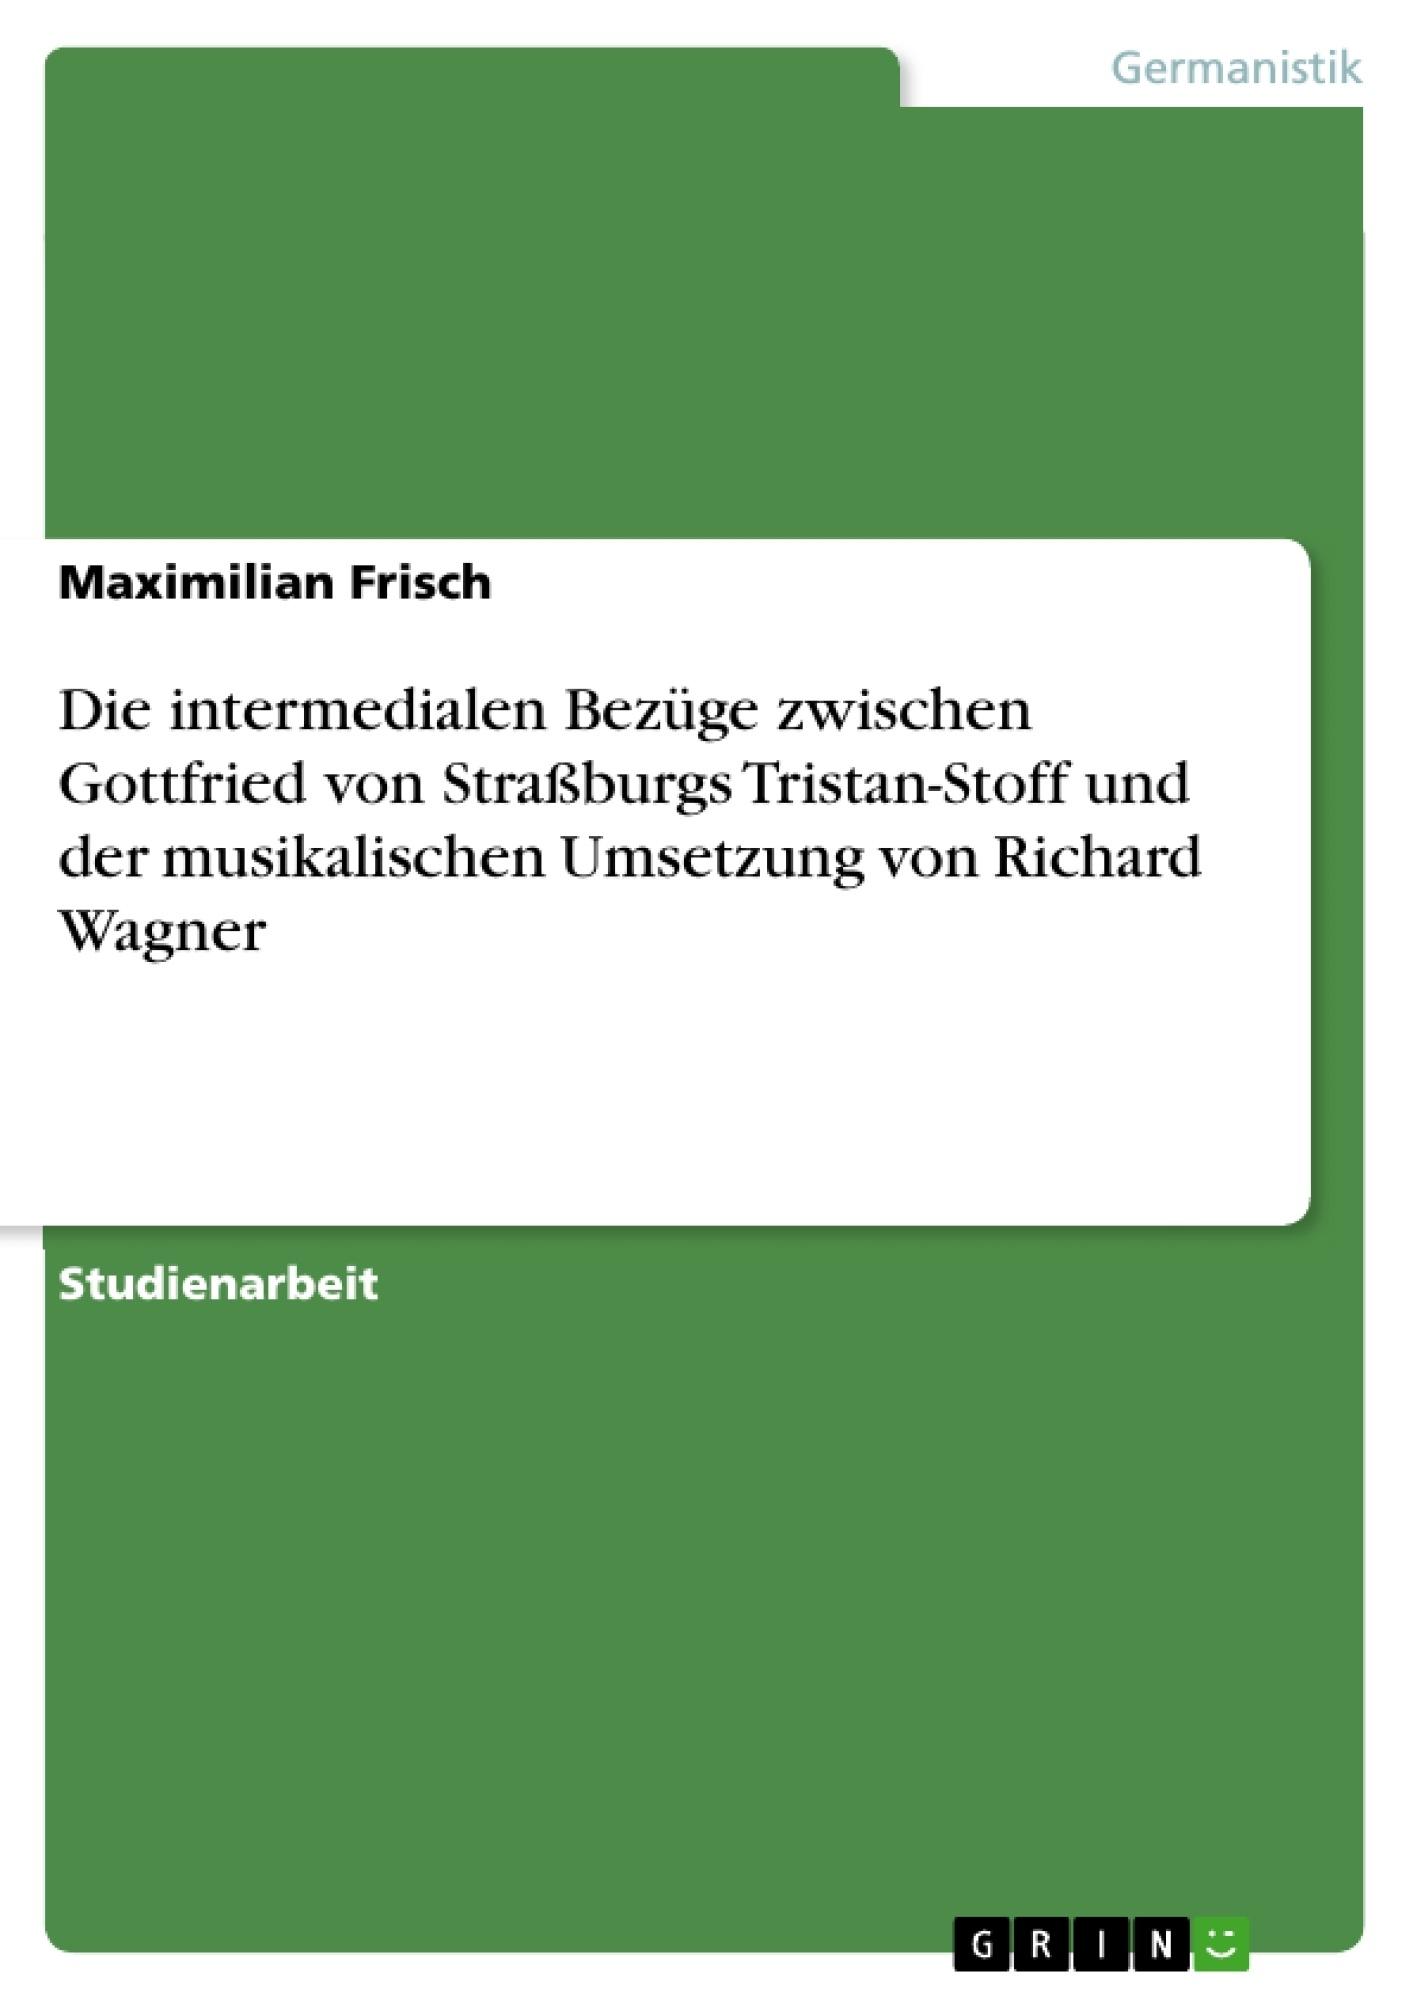 Titel: Die intermedialen Bezüge zwischen Gottfried von Straßburgs Tristan-Stoff und der musikalischen Umsetzung von Richard Wagner